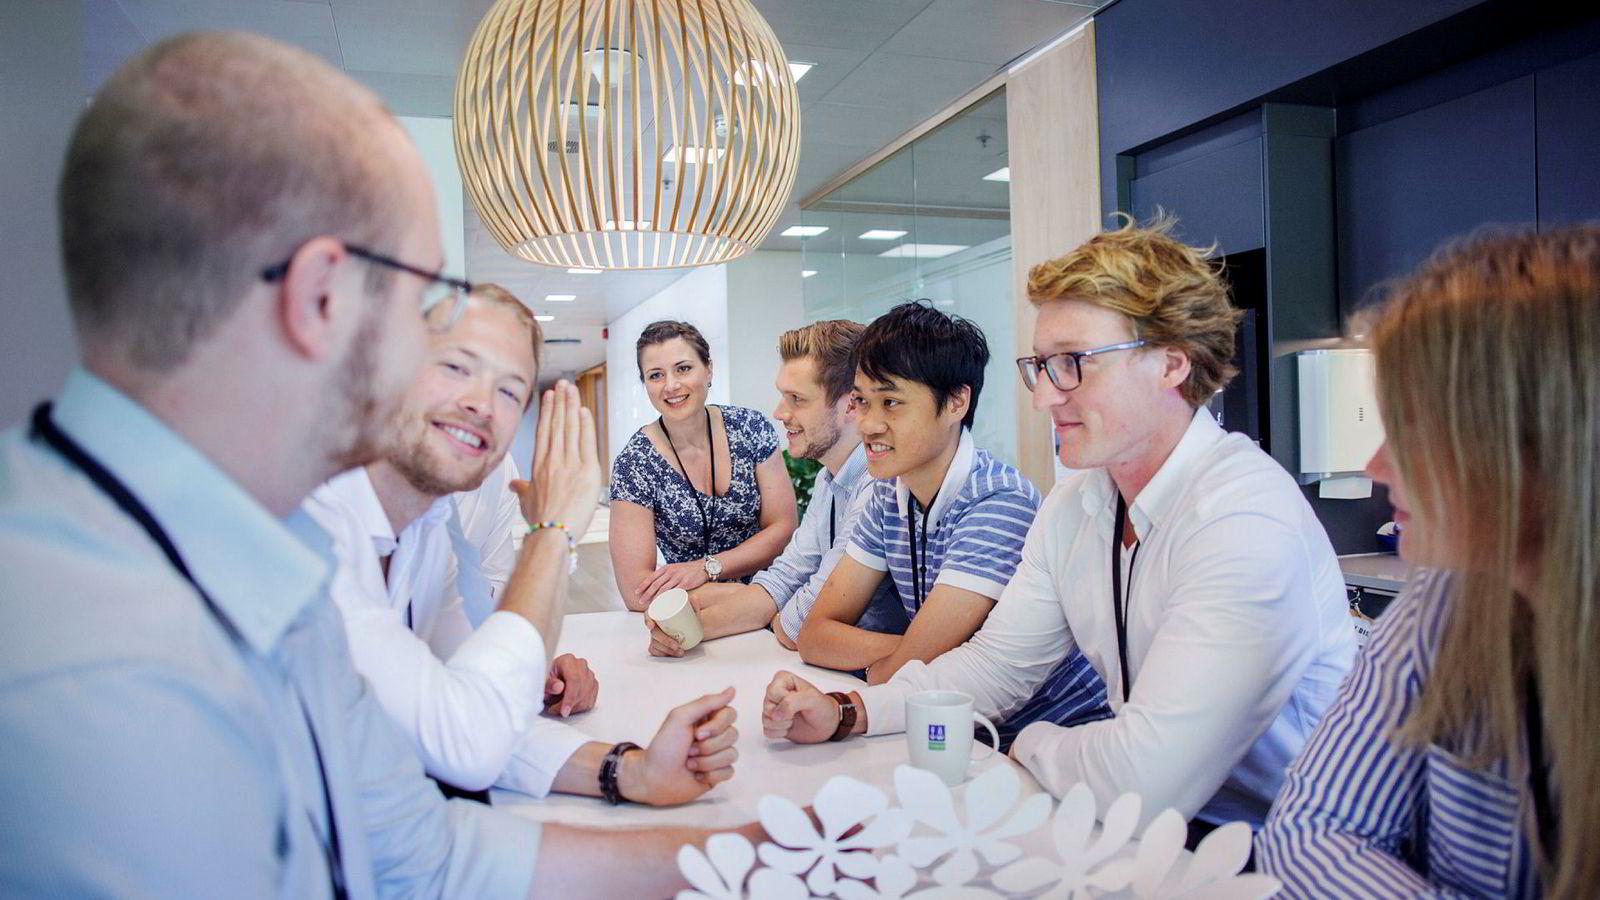 Det Norske Veritas har i år hanket inn åtte studenter fra ulike fagretninger, for å utvikle et forsvar mot cyberangrep. Fra høyre: Birte L. Steinsvik, Mads F. Kjeldsberg, Hong-Tan Lam, Anders Fjellvikås, Elisabet Line Haugsbø, Theodor L. Dokkan og Victor Lindbäck.